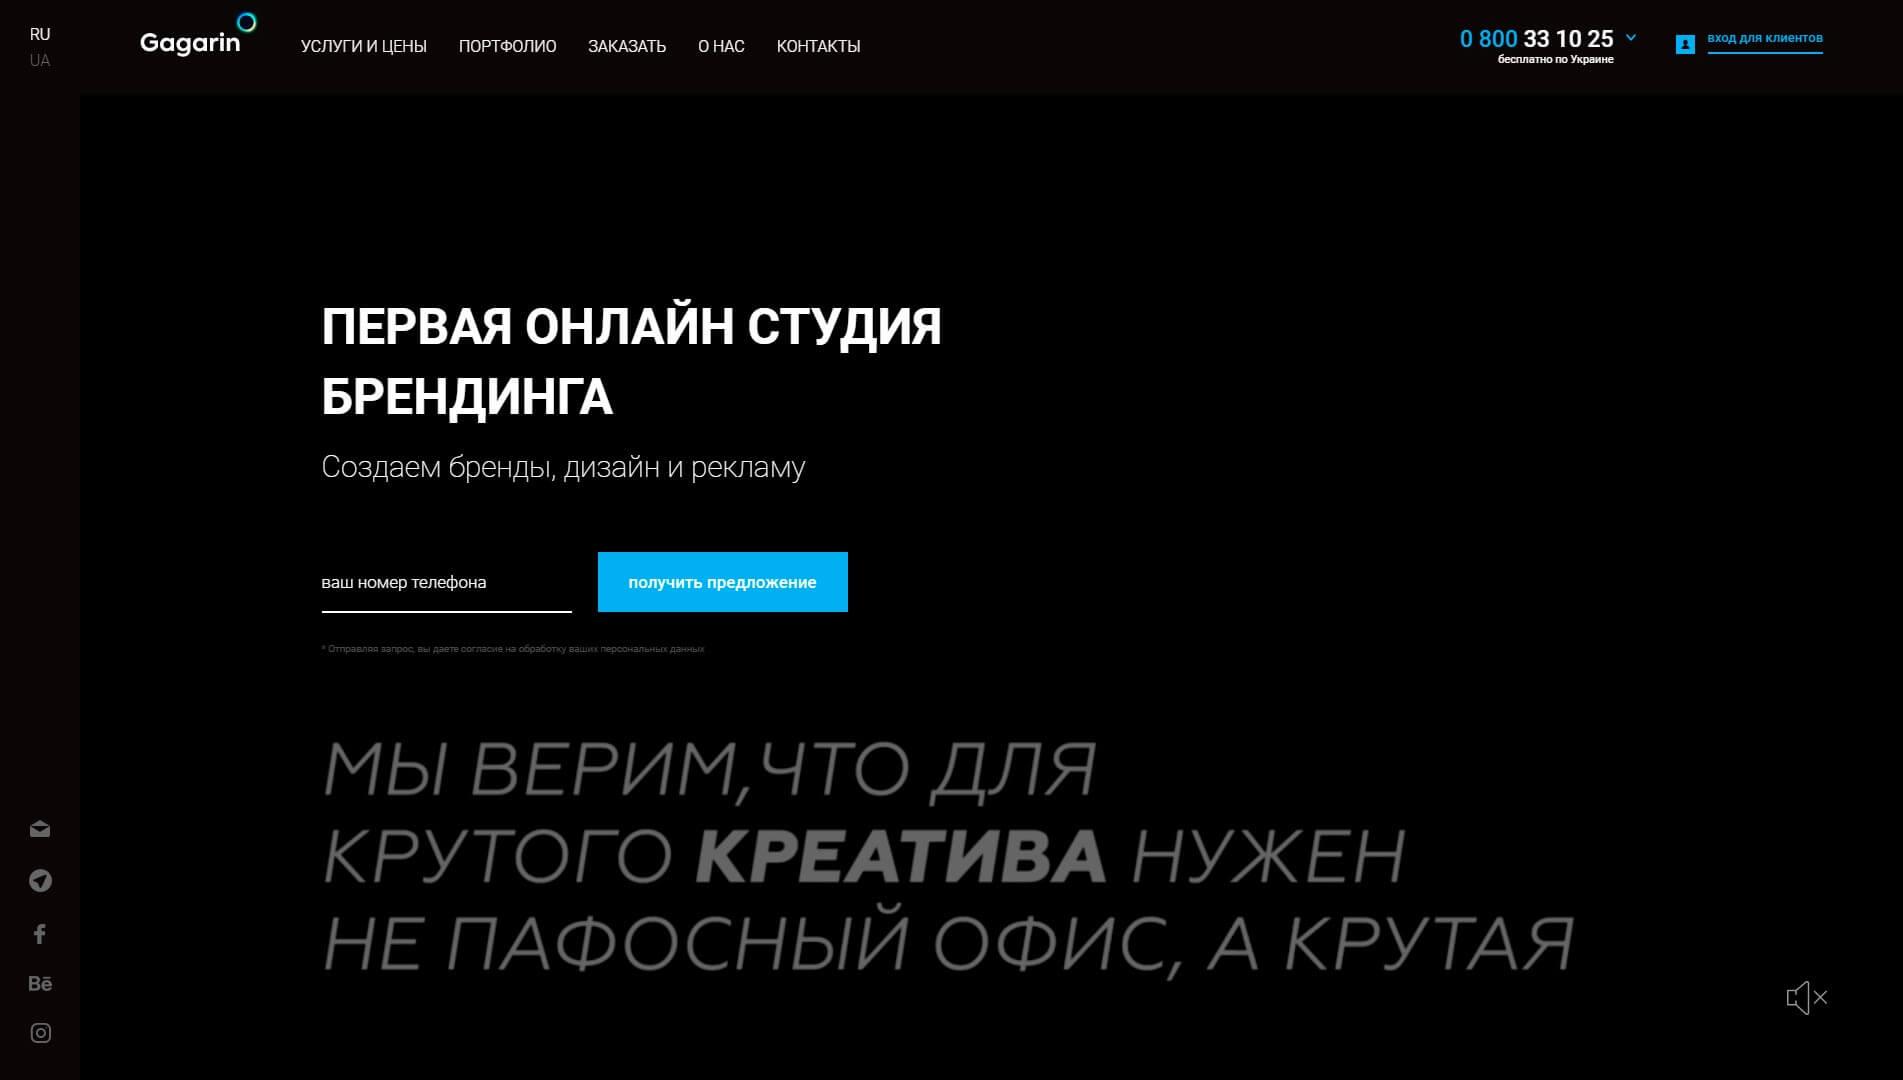 Gagarin Studio - обзор компании, услуги, отзывы, клиенты, Фото № 1 - google-seo.pro